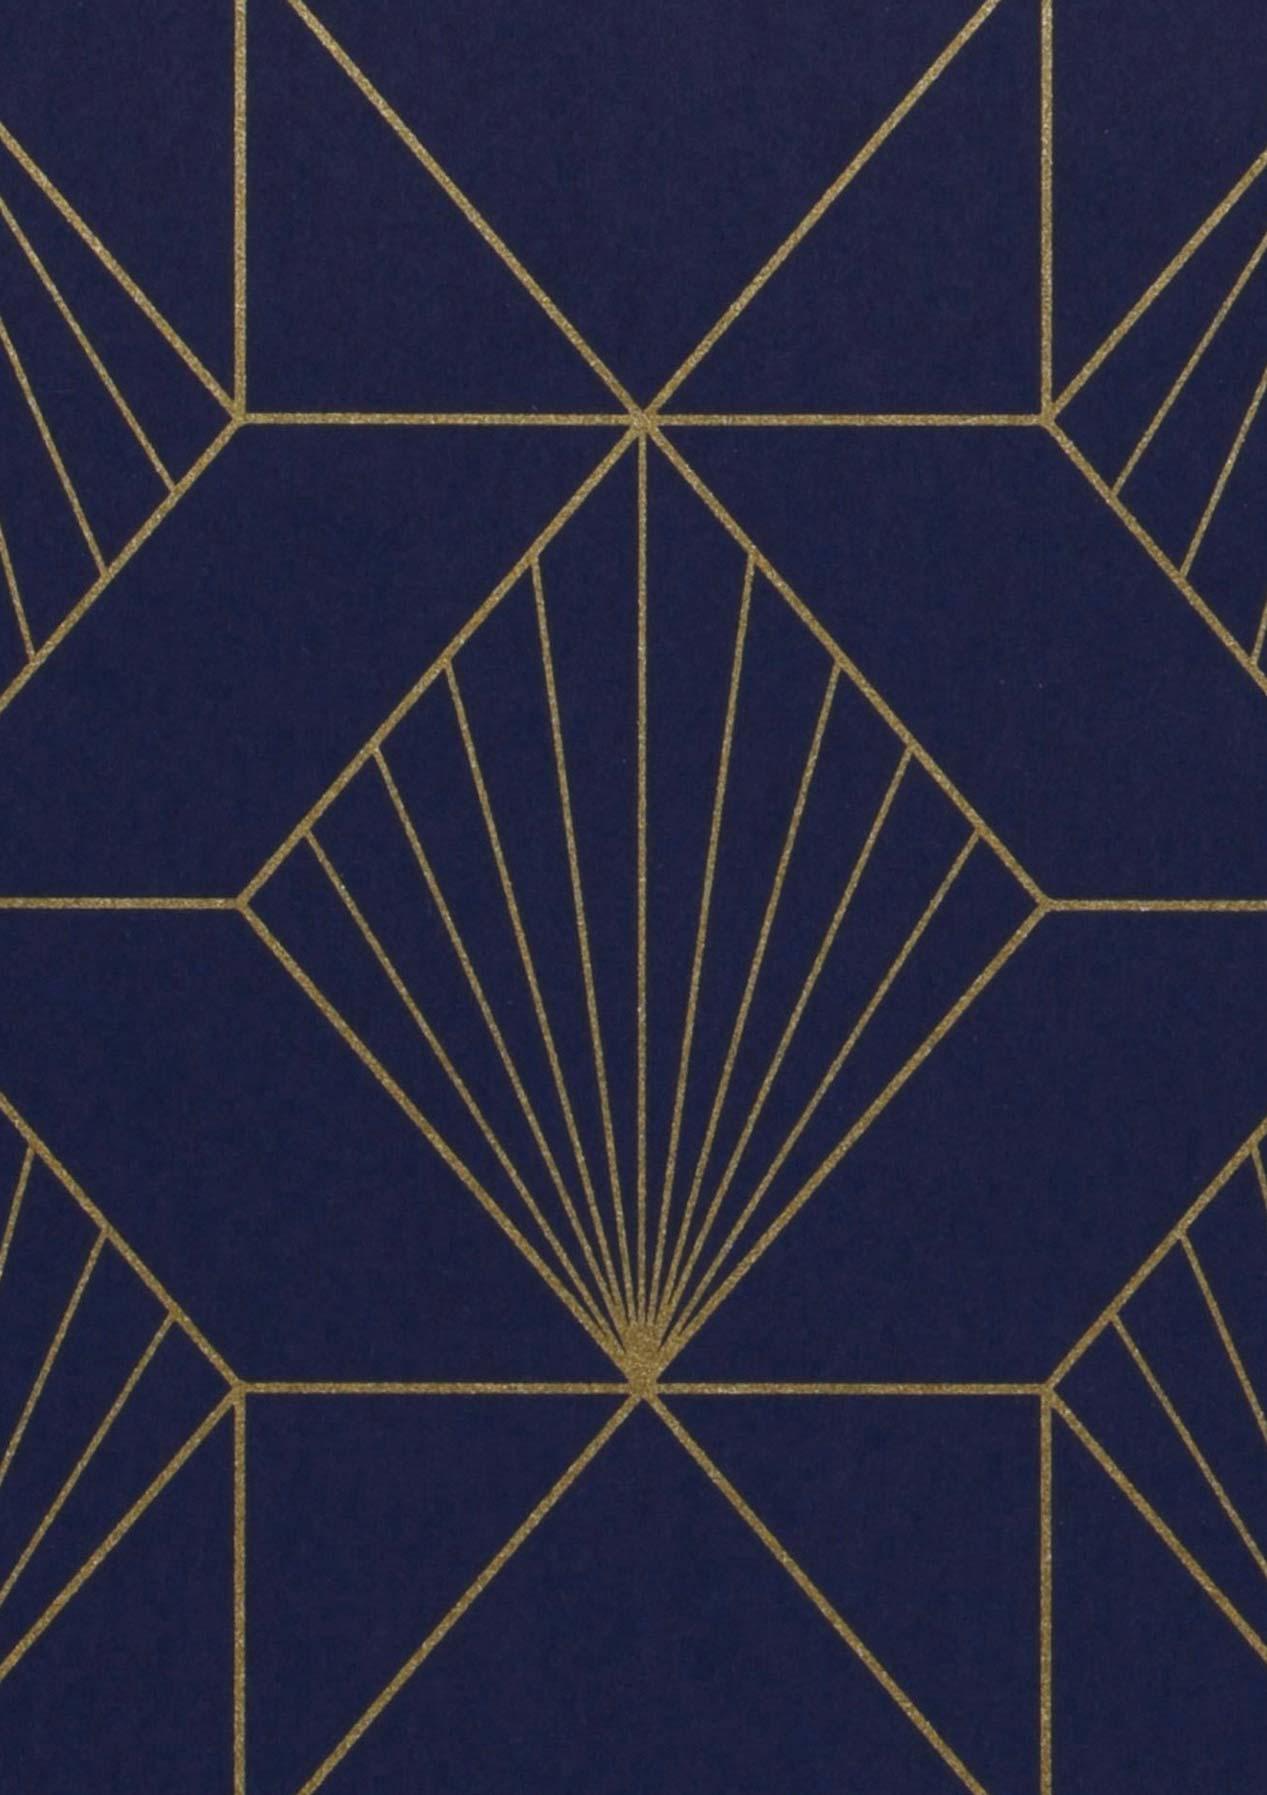 maurus bleu nuit dor papier peint g om trique motifs du papier peint papier peint des. Black Bedroom Furniture Sets. Home Design Ideas